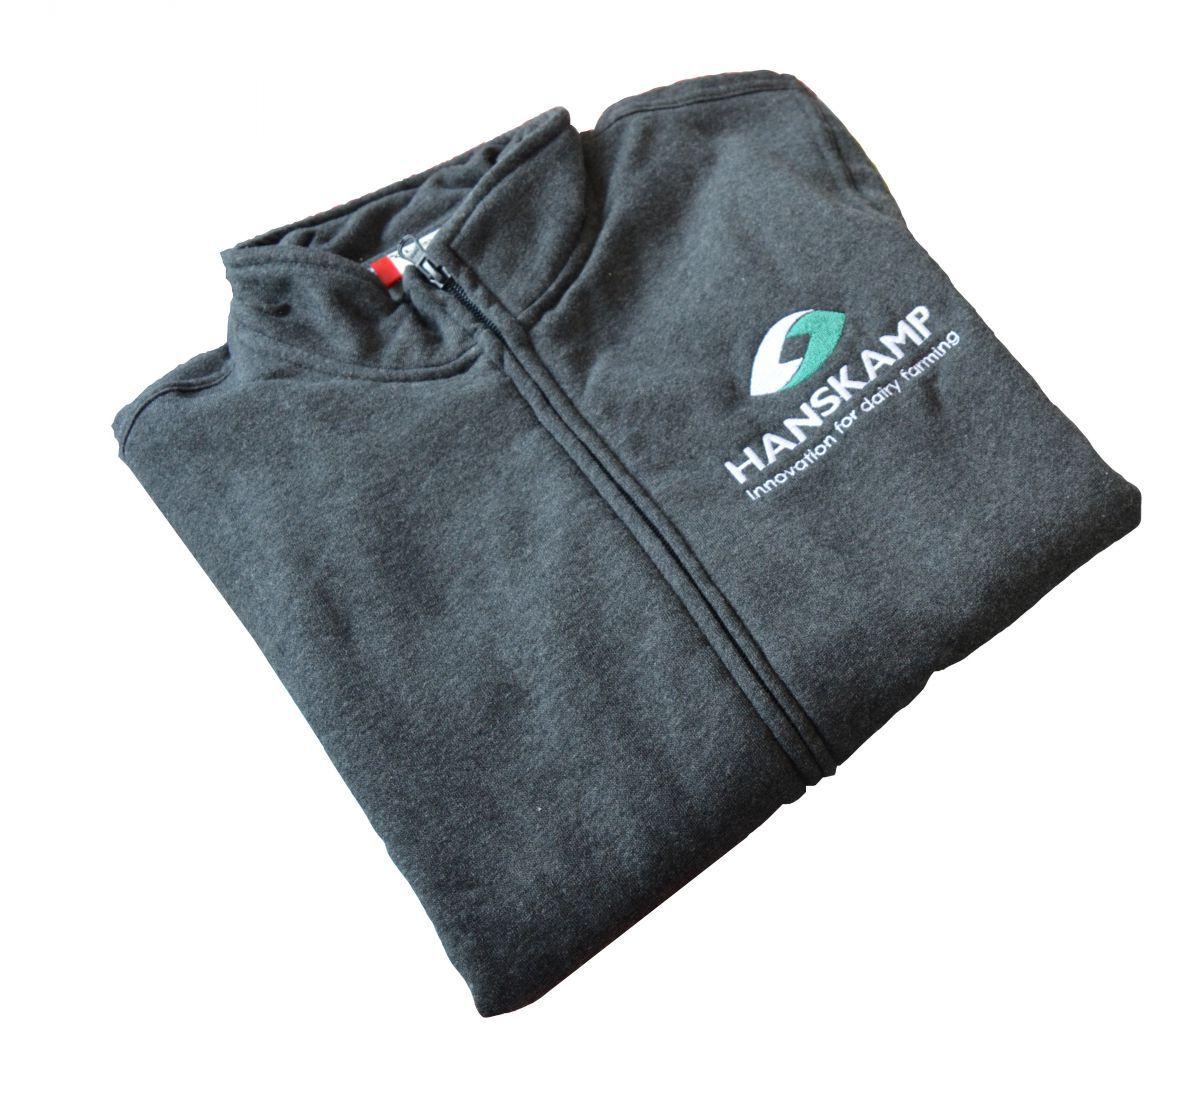 veste avec logo hanskamp taille xxxl